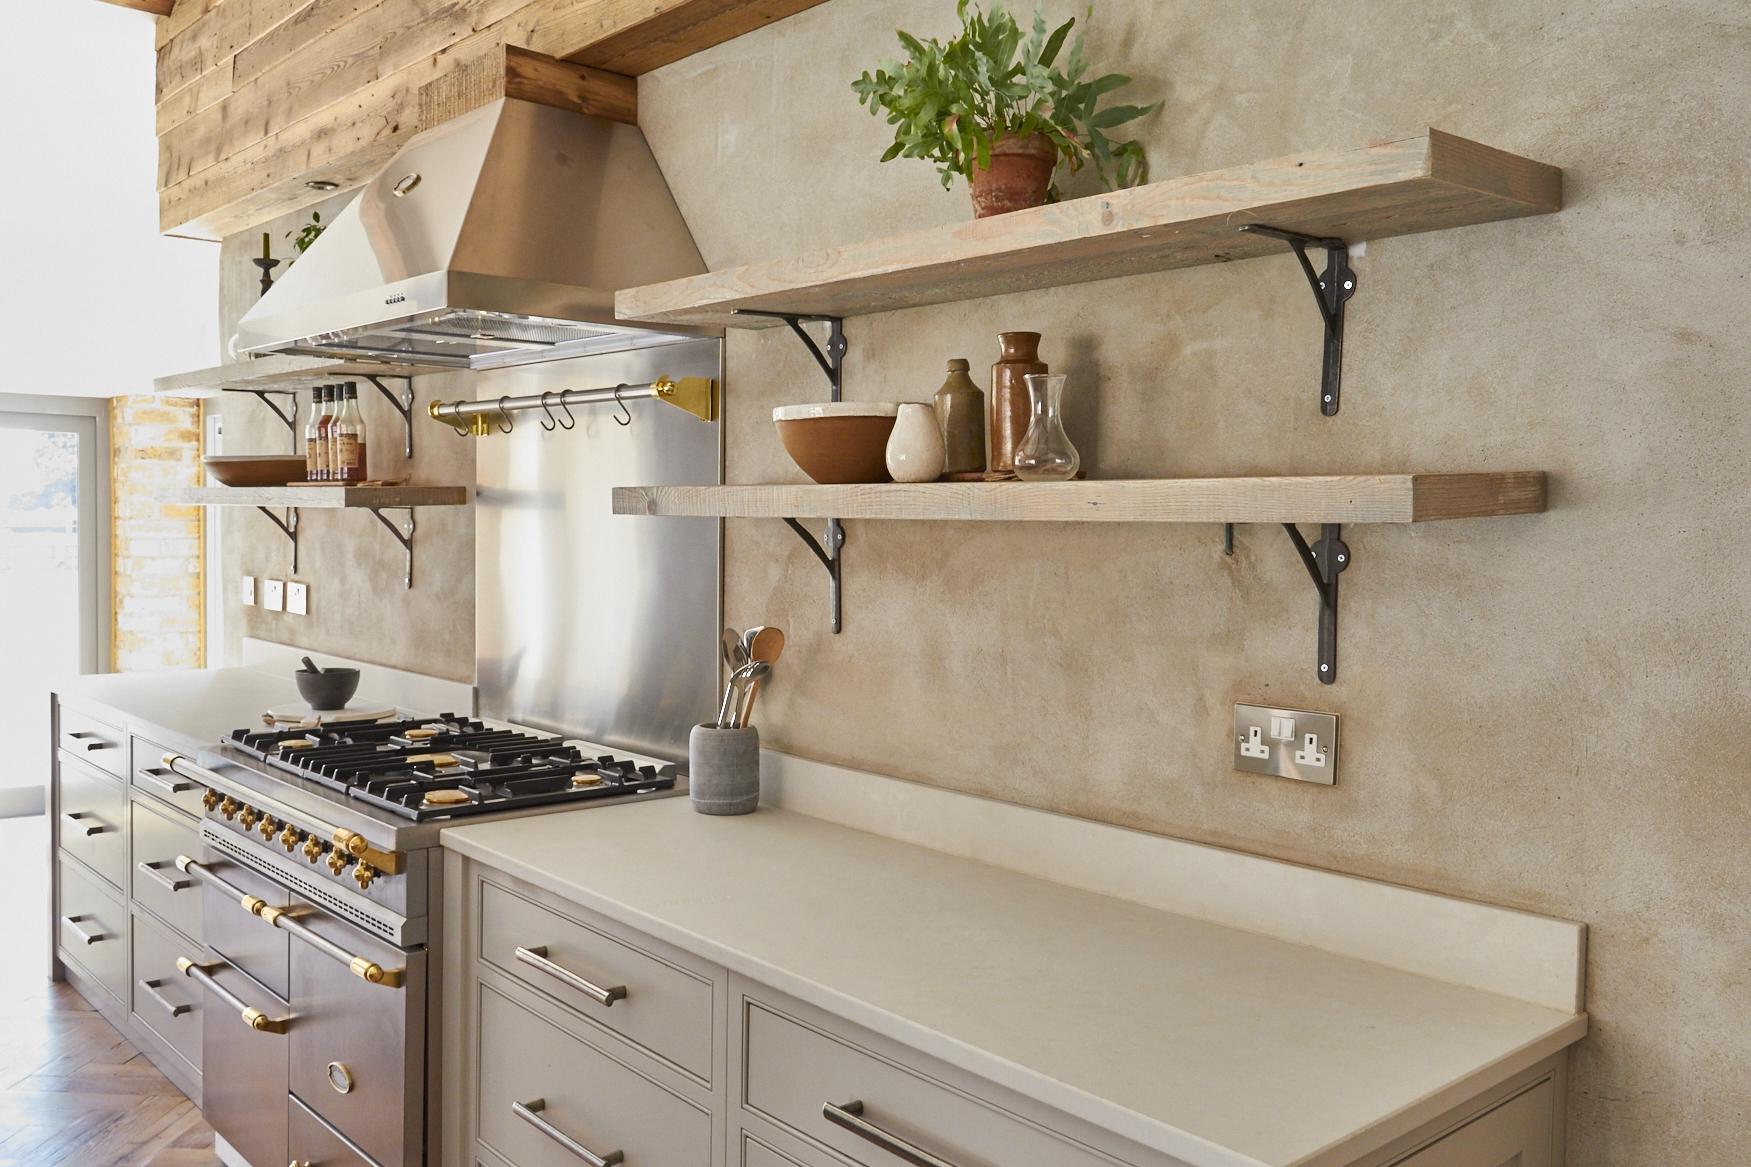 Moor Monkton Barn Kitchen